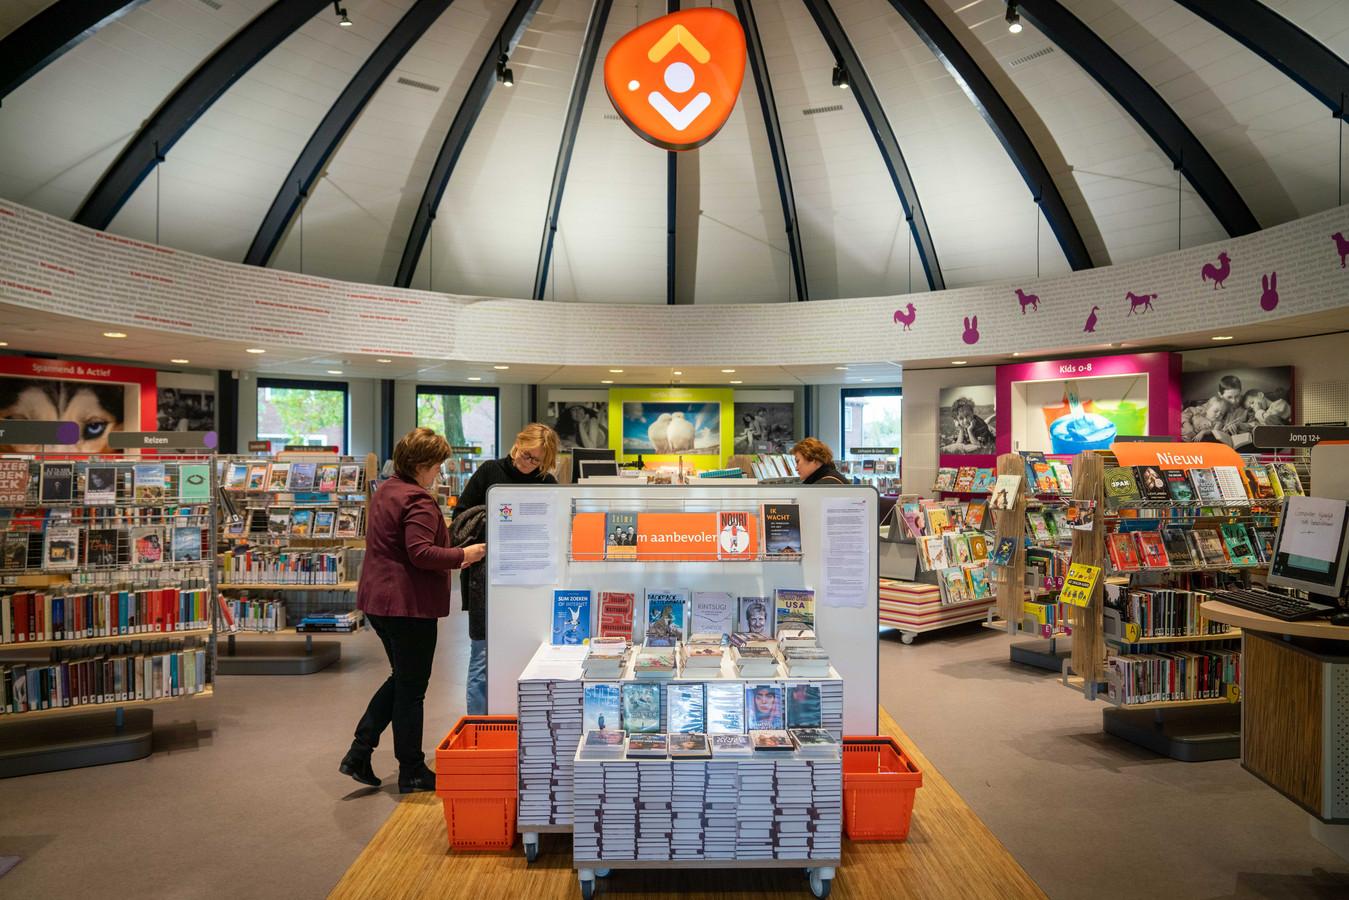 De bibliotheek in Renkum wordt met sluiting bedreigd.